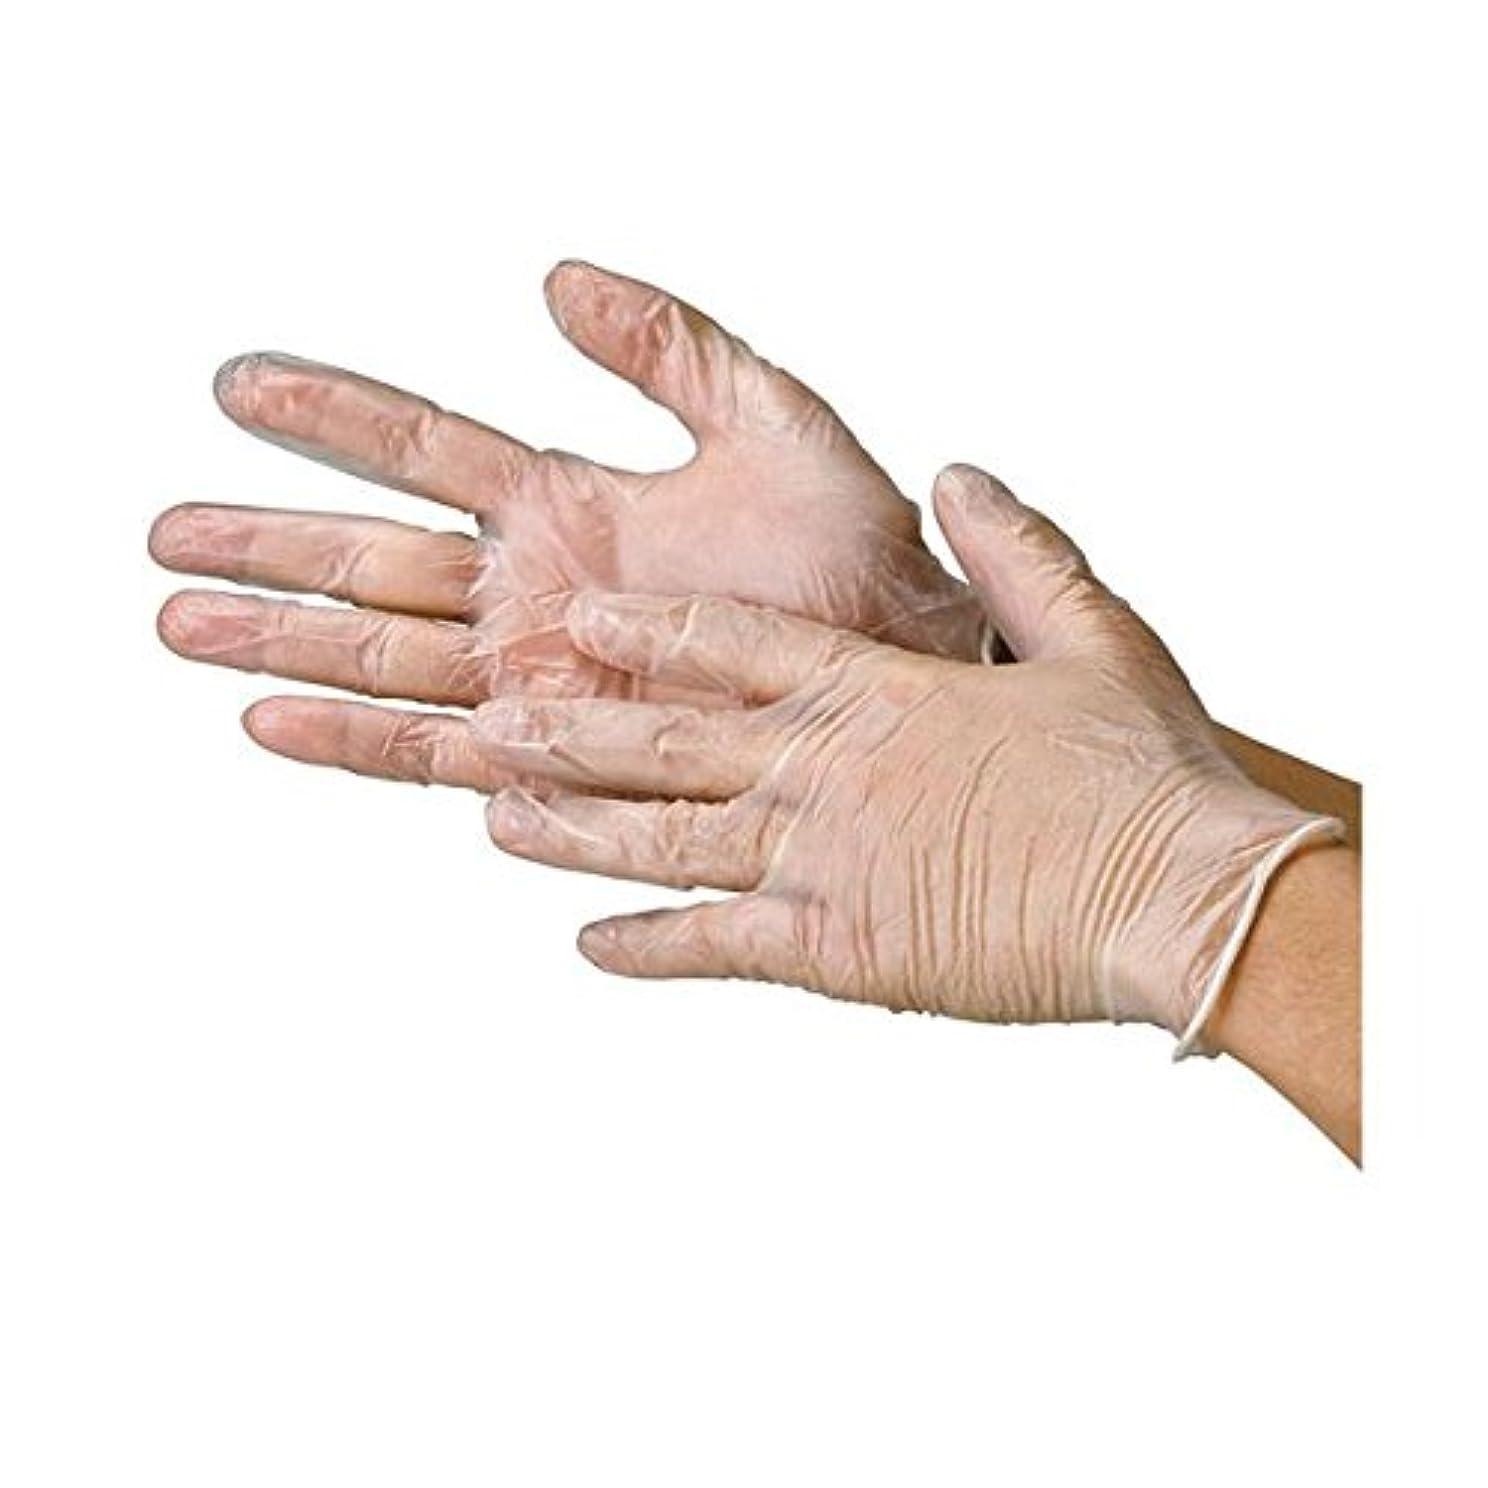 シーズン泳ぐスペア川西工業 ビニール極薄手袋 粉つき S 20袋 ds-1915764